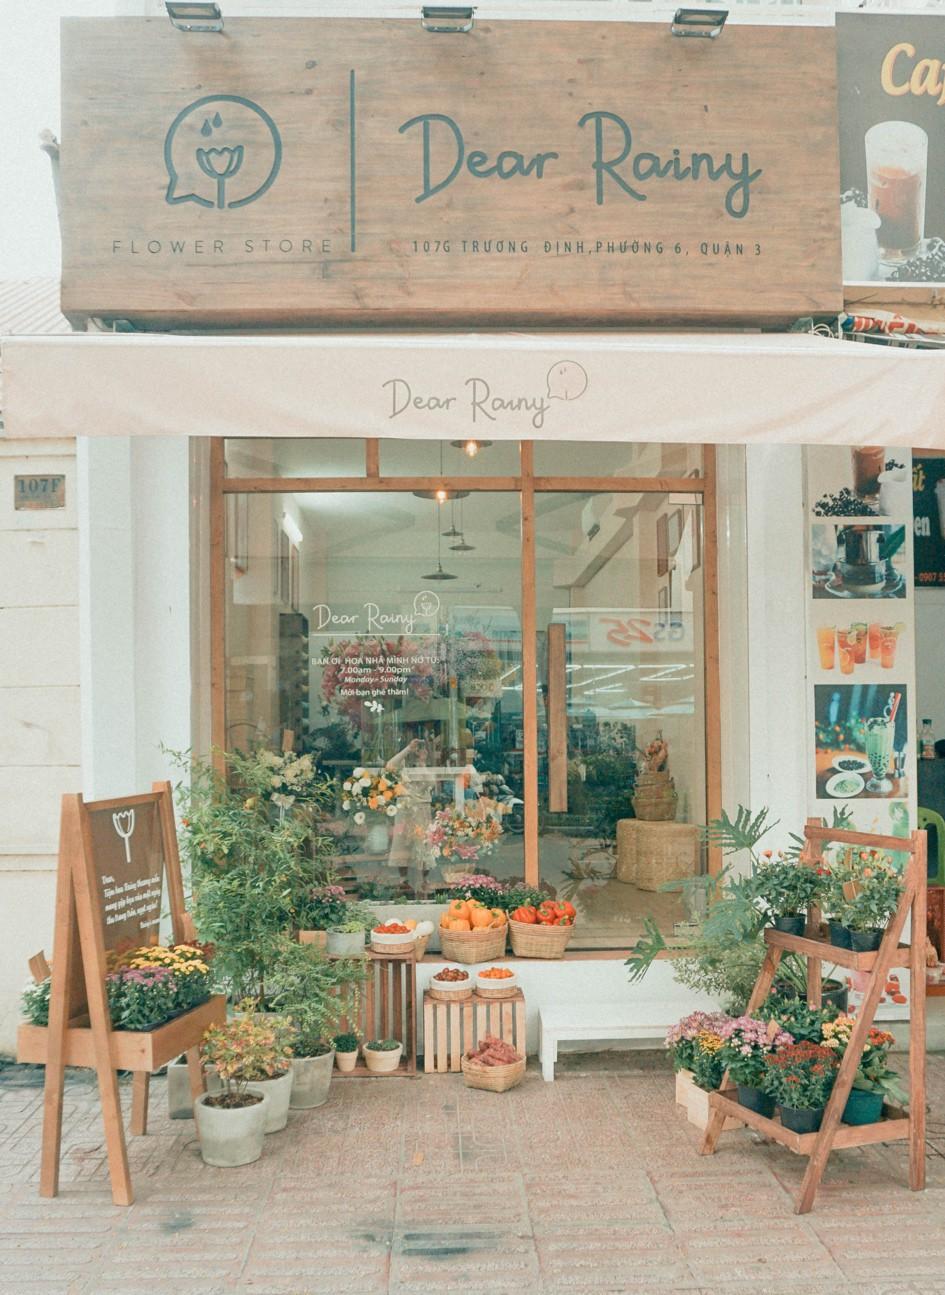 Tiệm hoa Dear Rainy: Mong các bạn tìm được chất liệu tô vẽ nét đáng yêu của cuộc sống - Ảnh 1.